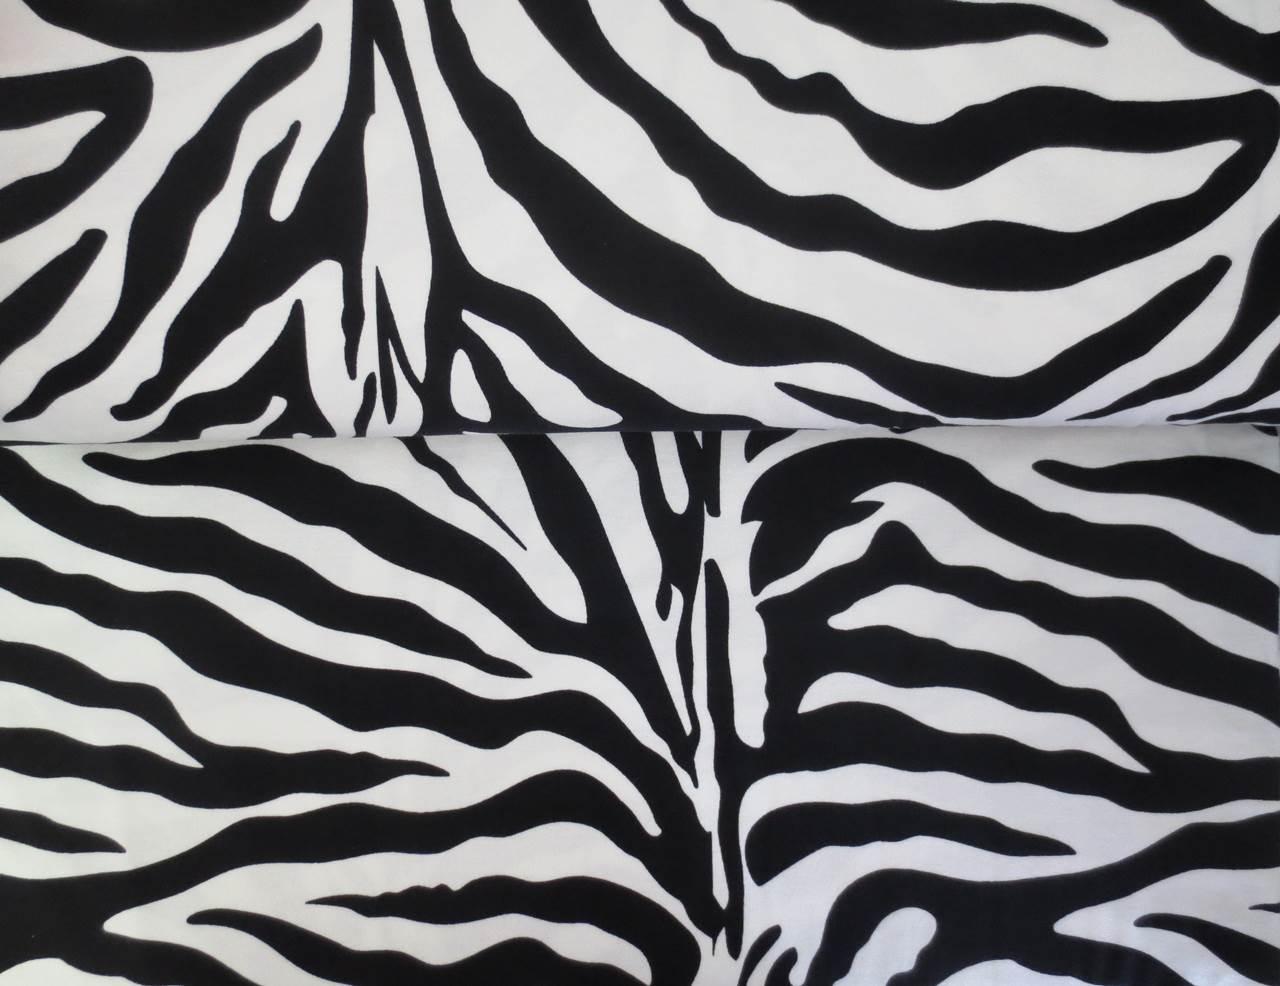 05m Jersey Zebramuster schwarz weiß